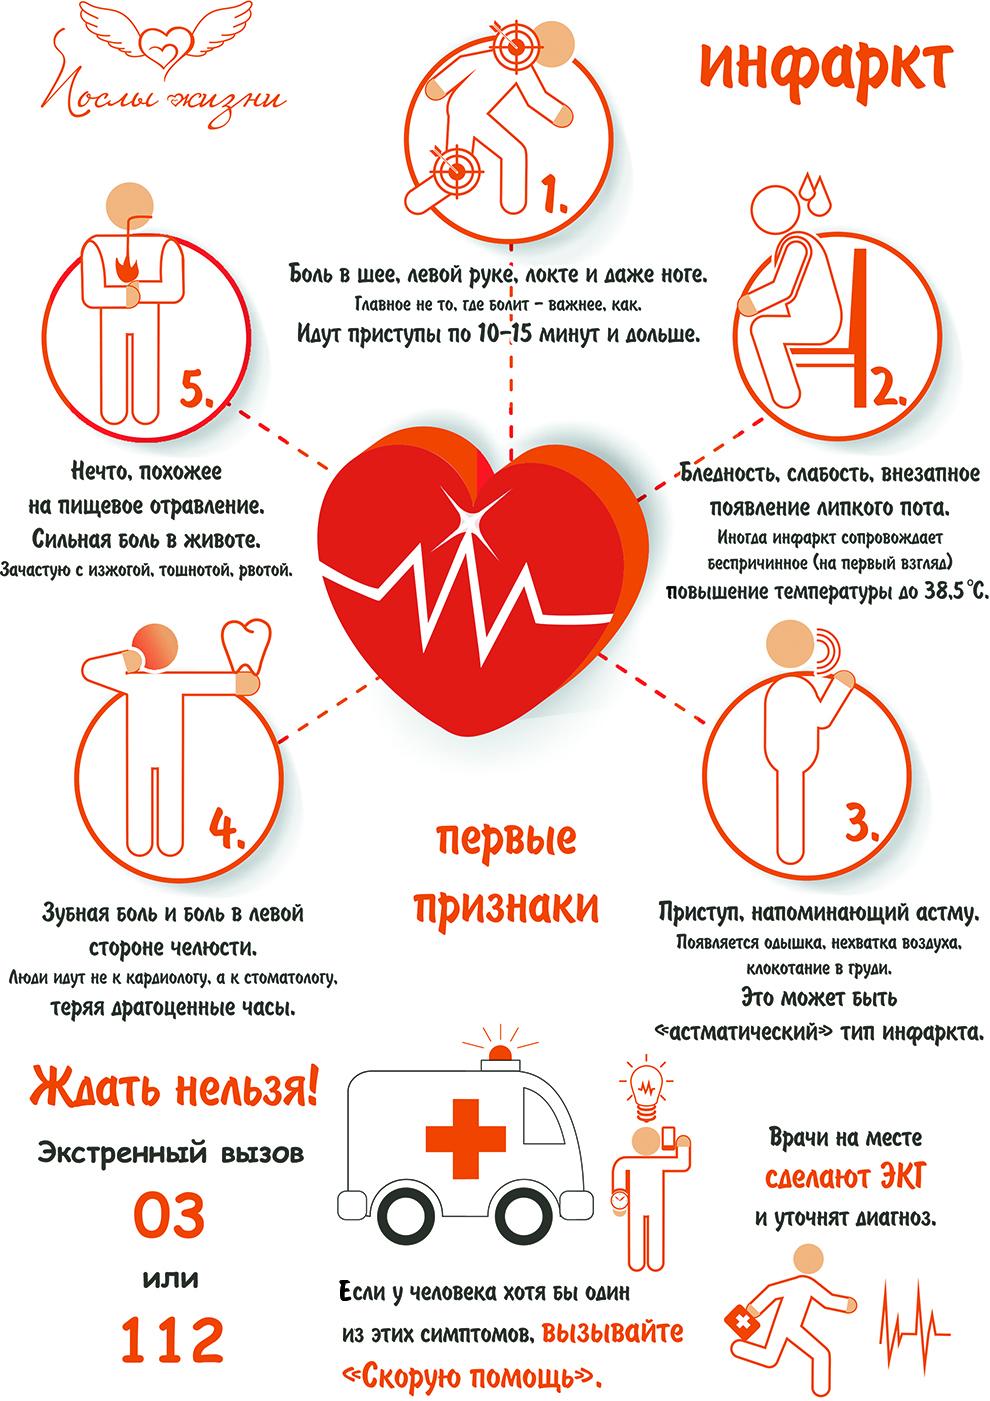 Инфаркт – что это? признаки, первая помощь при инфаркте, осложнения инфаркта миокарда